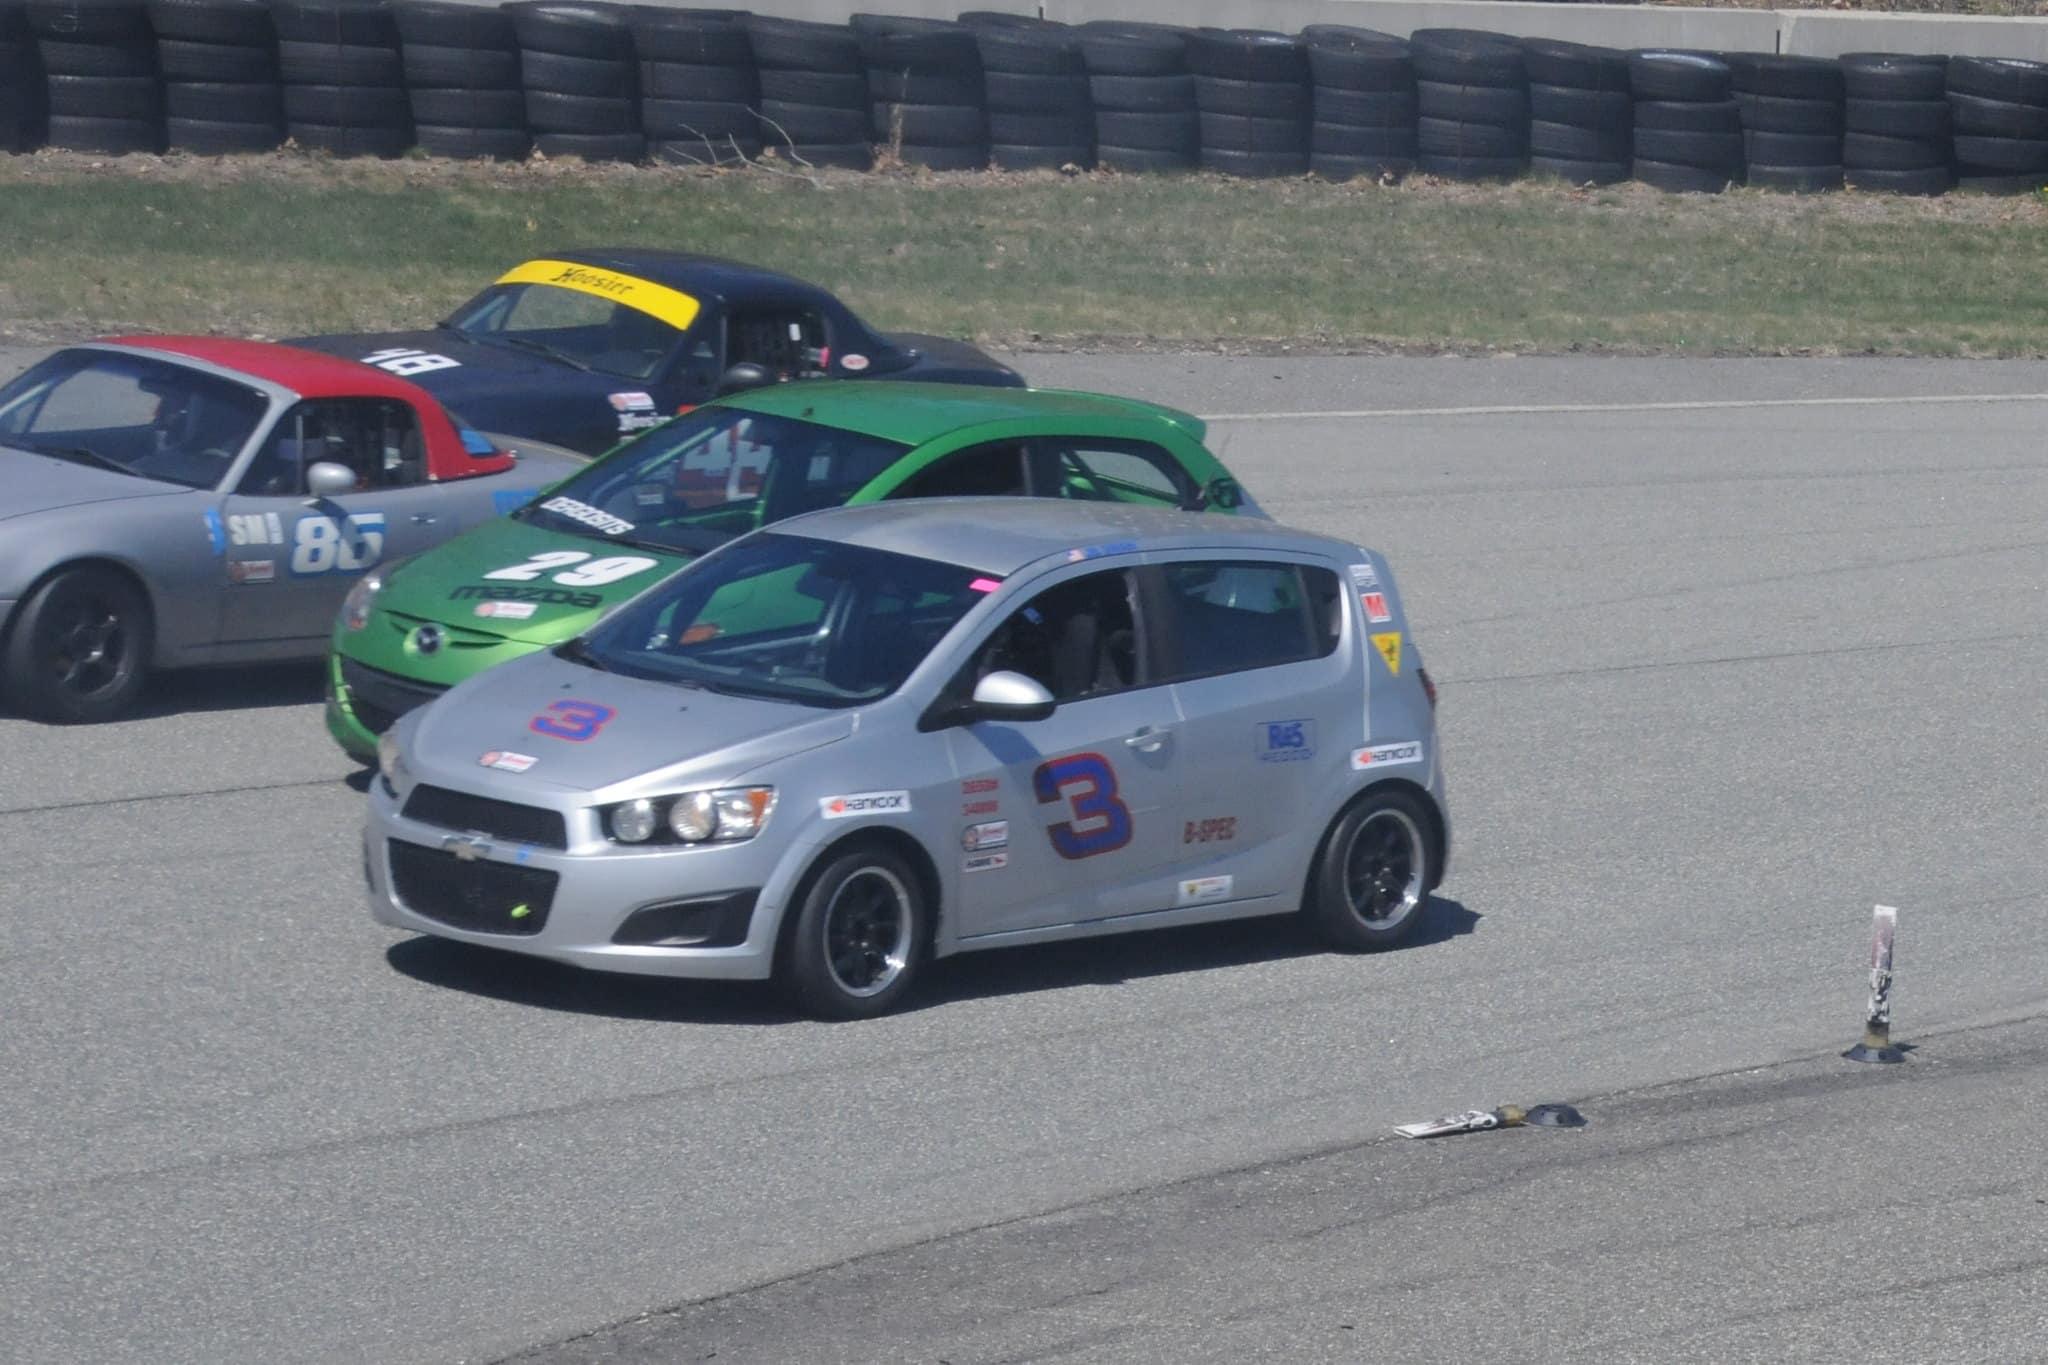 NERRC #1 – 2021 Club Racing Season Begins